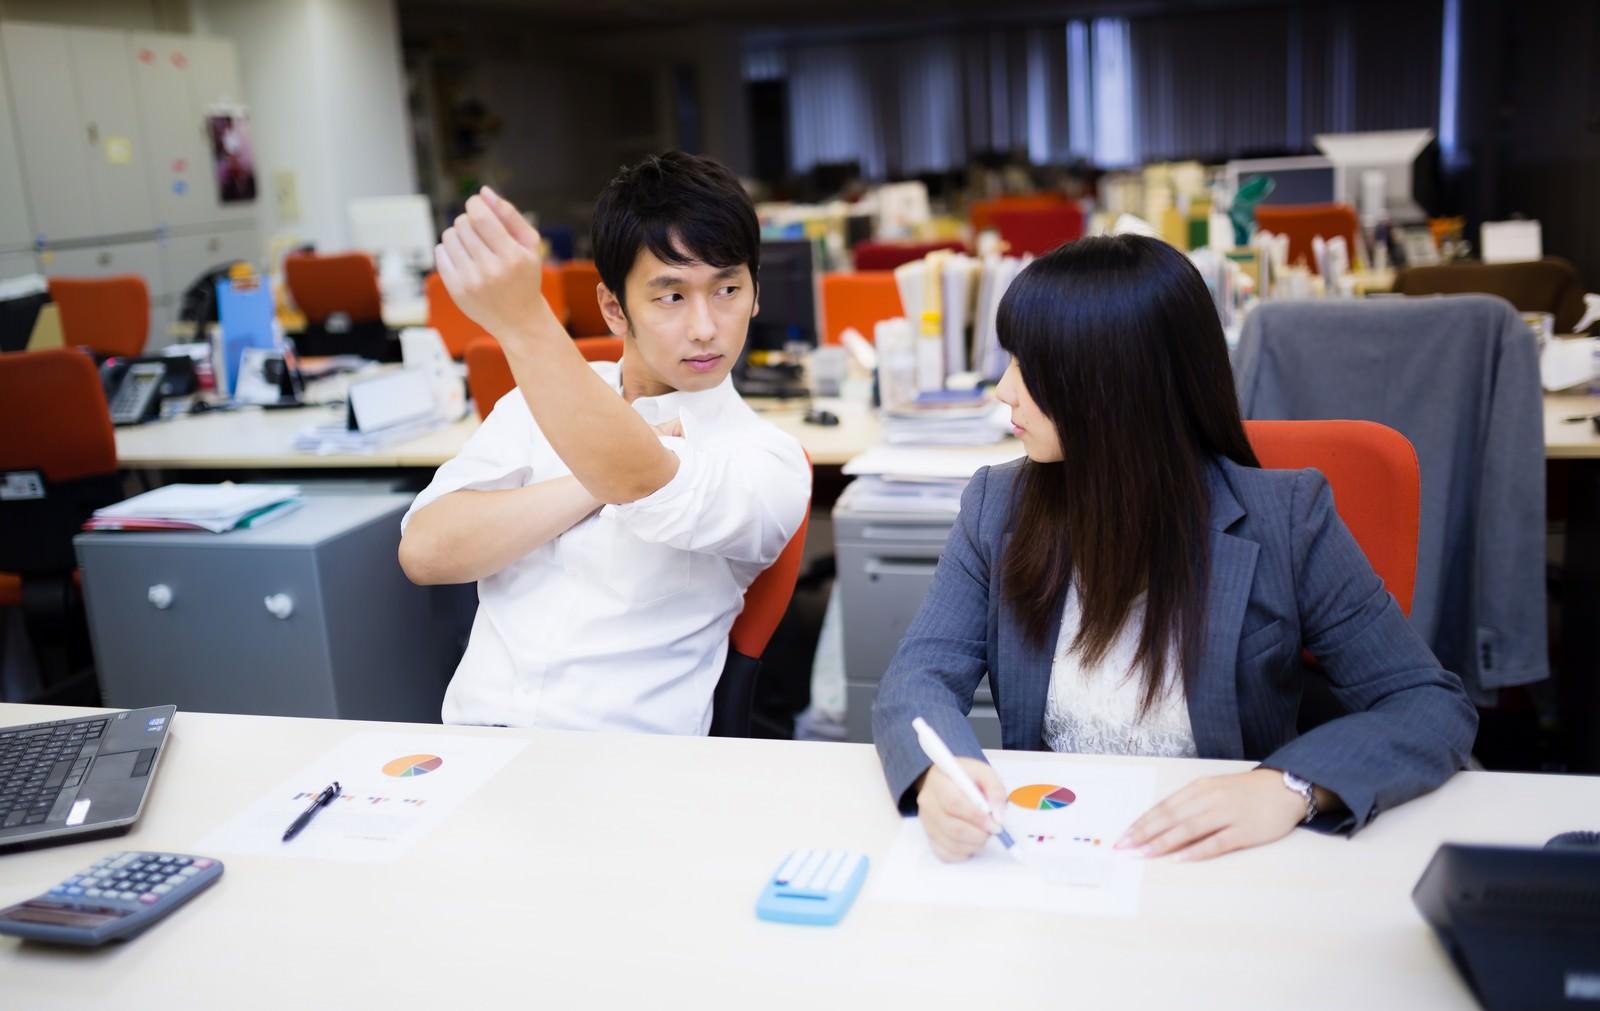 「「昼休みに献血したんだゼ!」と袖をまくる健康優良児」の写真[モデル:大川竜弥 Lala]